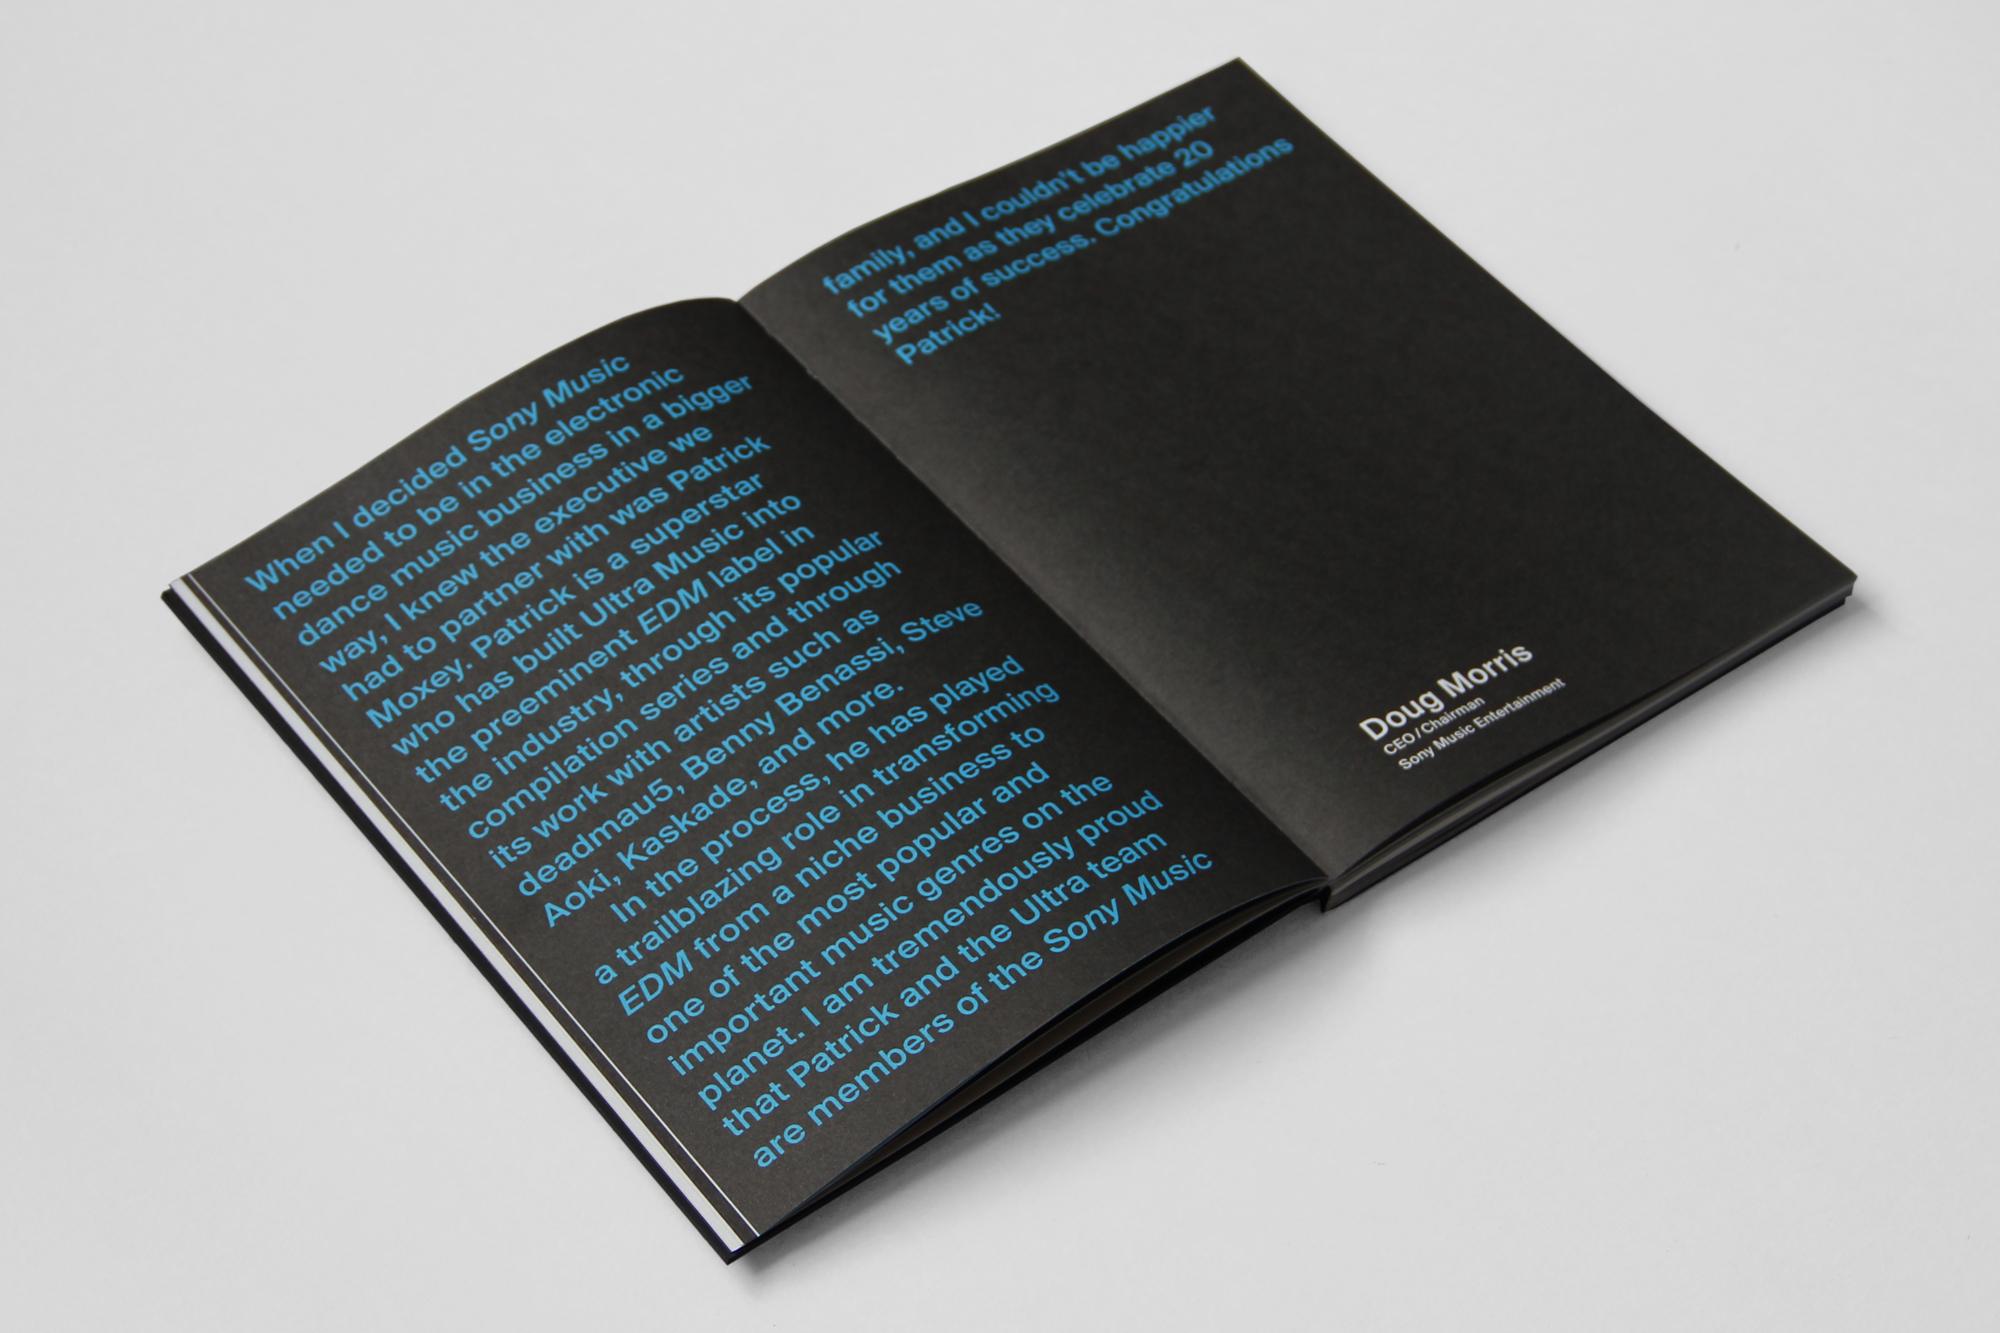 ultra_book_27